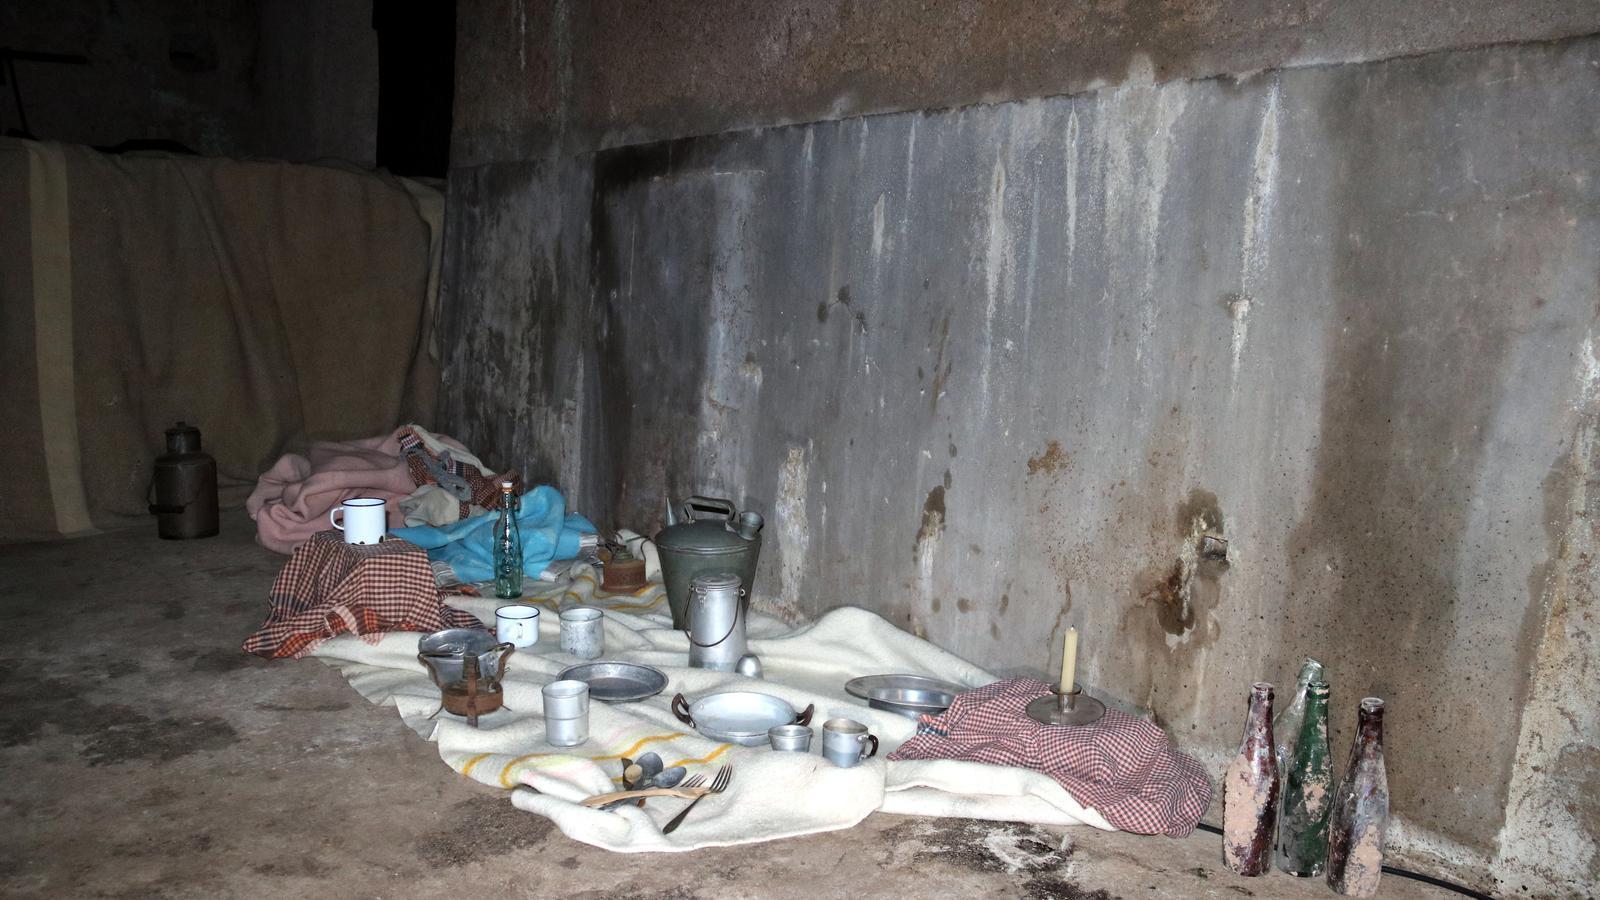 Una recreació de com vivien les víctimes al refugi antiaeri